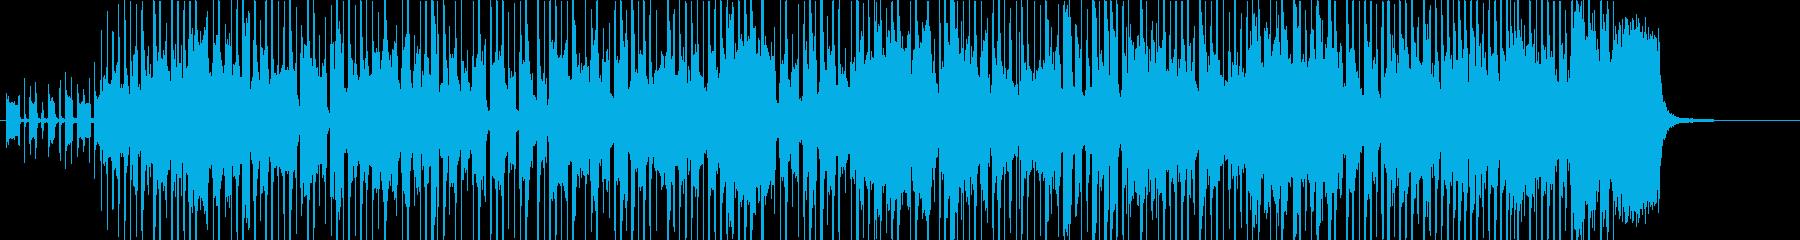 スラップベースの効いたファンク曲の再生済みの波形